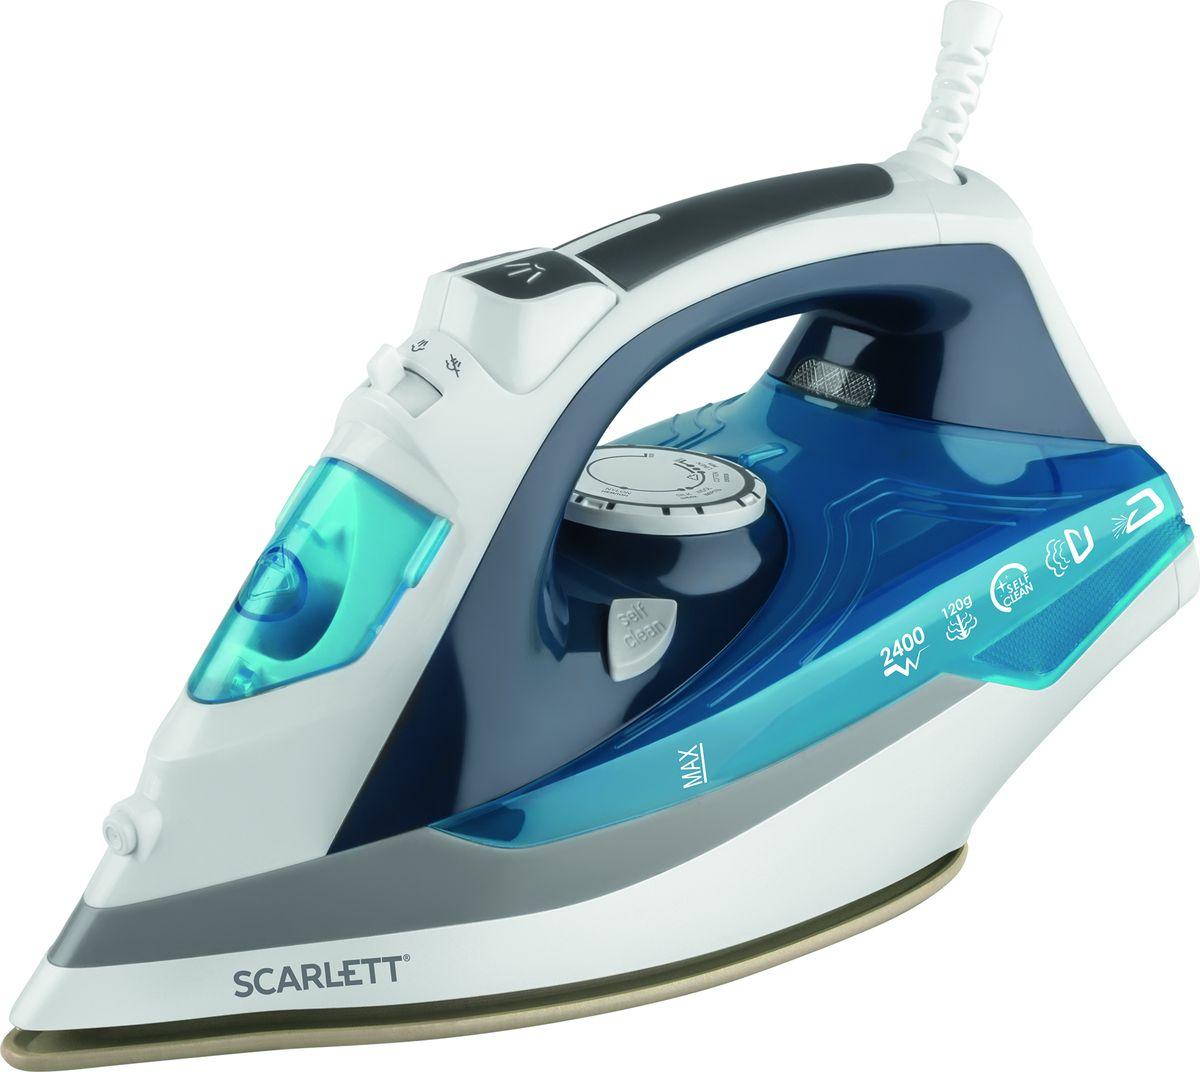 Scarlett SC-SI30P06, Green утюгSC-SI30P06Утюг Scarlett SC-SI30P06 облегчает уход за одеждой и приятно удивит вас своими возможностями. Подошва утюга с керамическим покрытием обеспечивает идеальное скольжение и избавит ваши вещи даже от самых сложных складок.Прибор обладает всеми необходимыми функциями для отличного результата: классический режим сухого глажения, отпаривание с регулировкой, функция разбрызгивания, возможность вертикального отпаривания. Модель оснащена функциями парового удара и самоочистки, а также системой анти-капля и анти-накипь. Уровень подачи пара регулируется. Индикатор нагрева напомнит вам, что прибор включен. Прорезиненная ручка устройства обеспечивает удобство использования. Сетевой шнур крепится при помощи шарового механизма, что не позволяет ему запутаться во время эксплуатации. В комплект входит мерный стаканчик для залива воды.